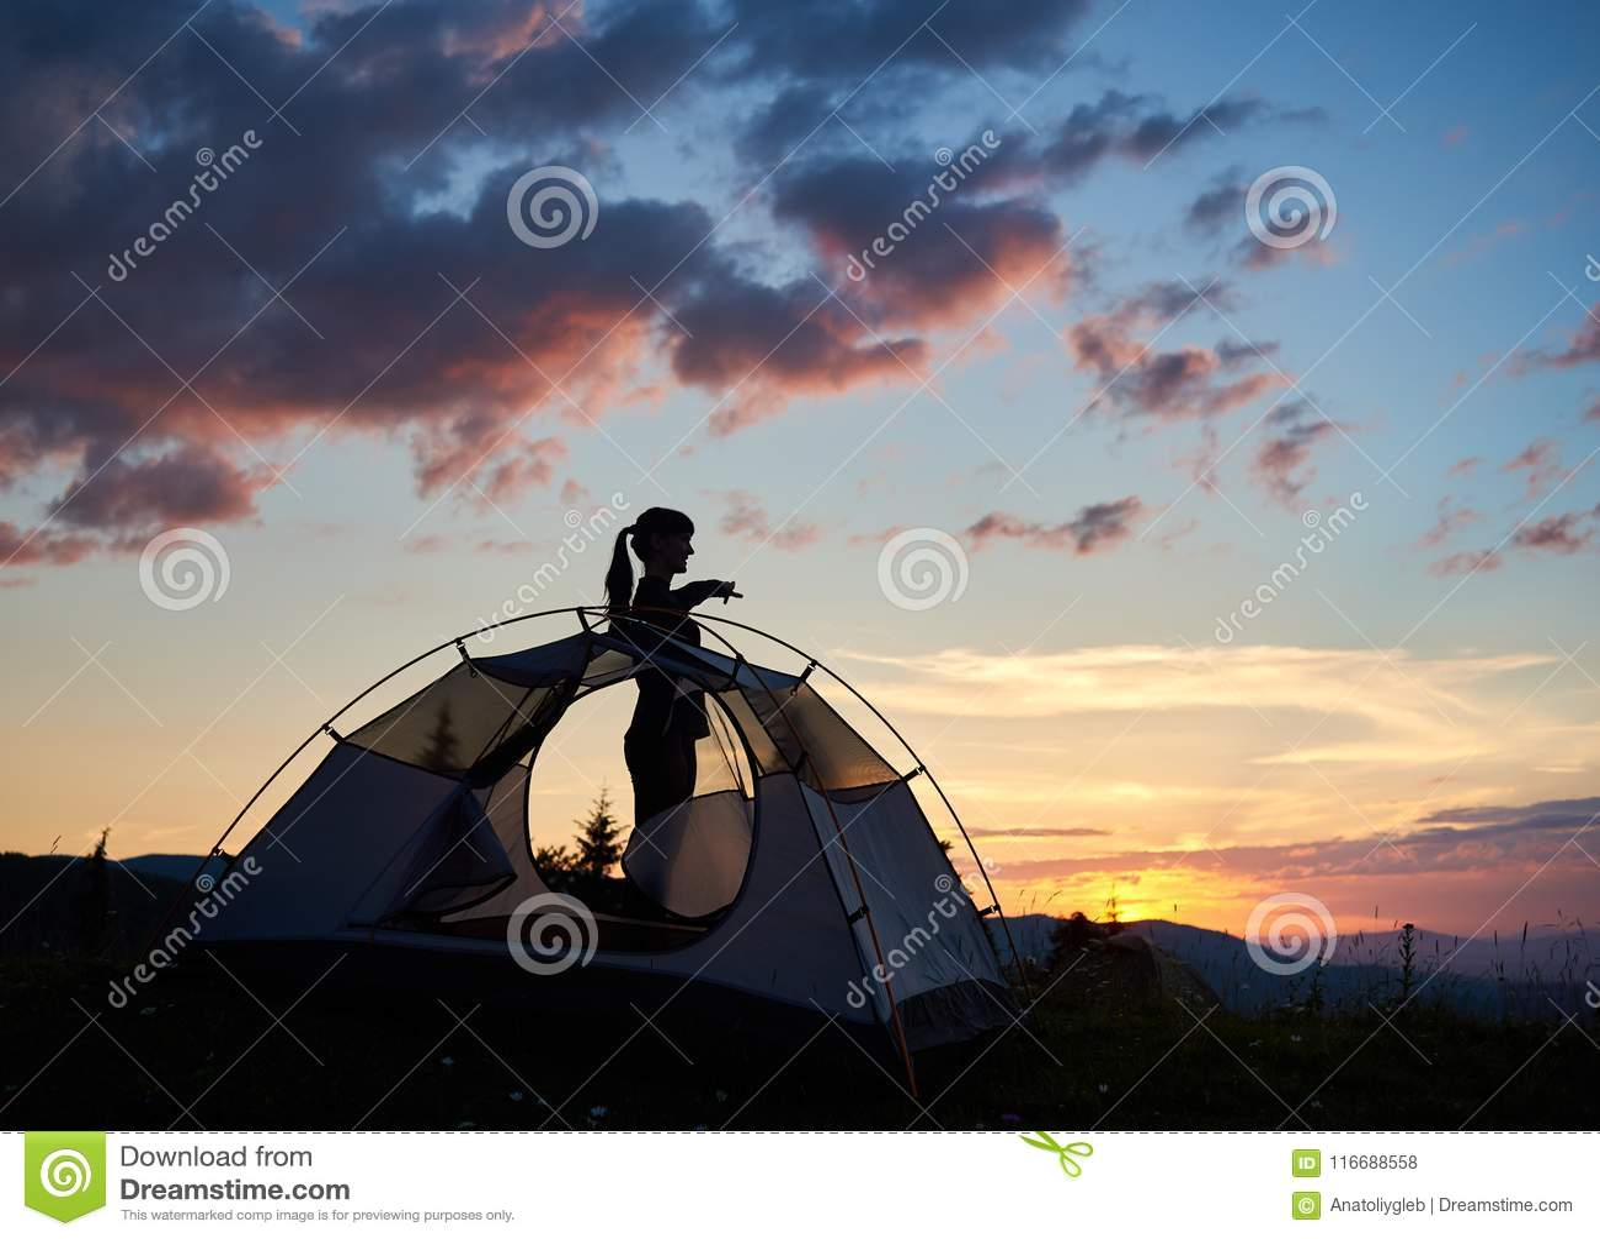 Kontur av ett attraktivt flickaanseende i profil nära tältet under morgonhimlen på gryningen